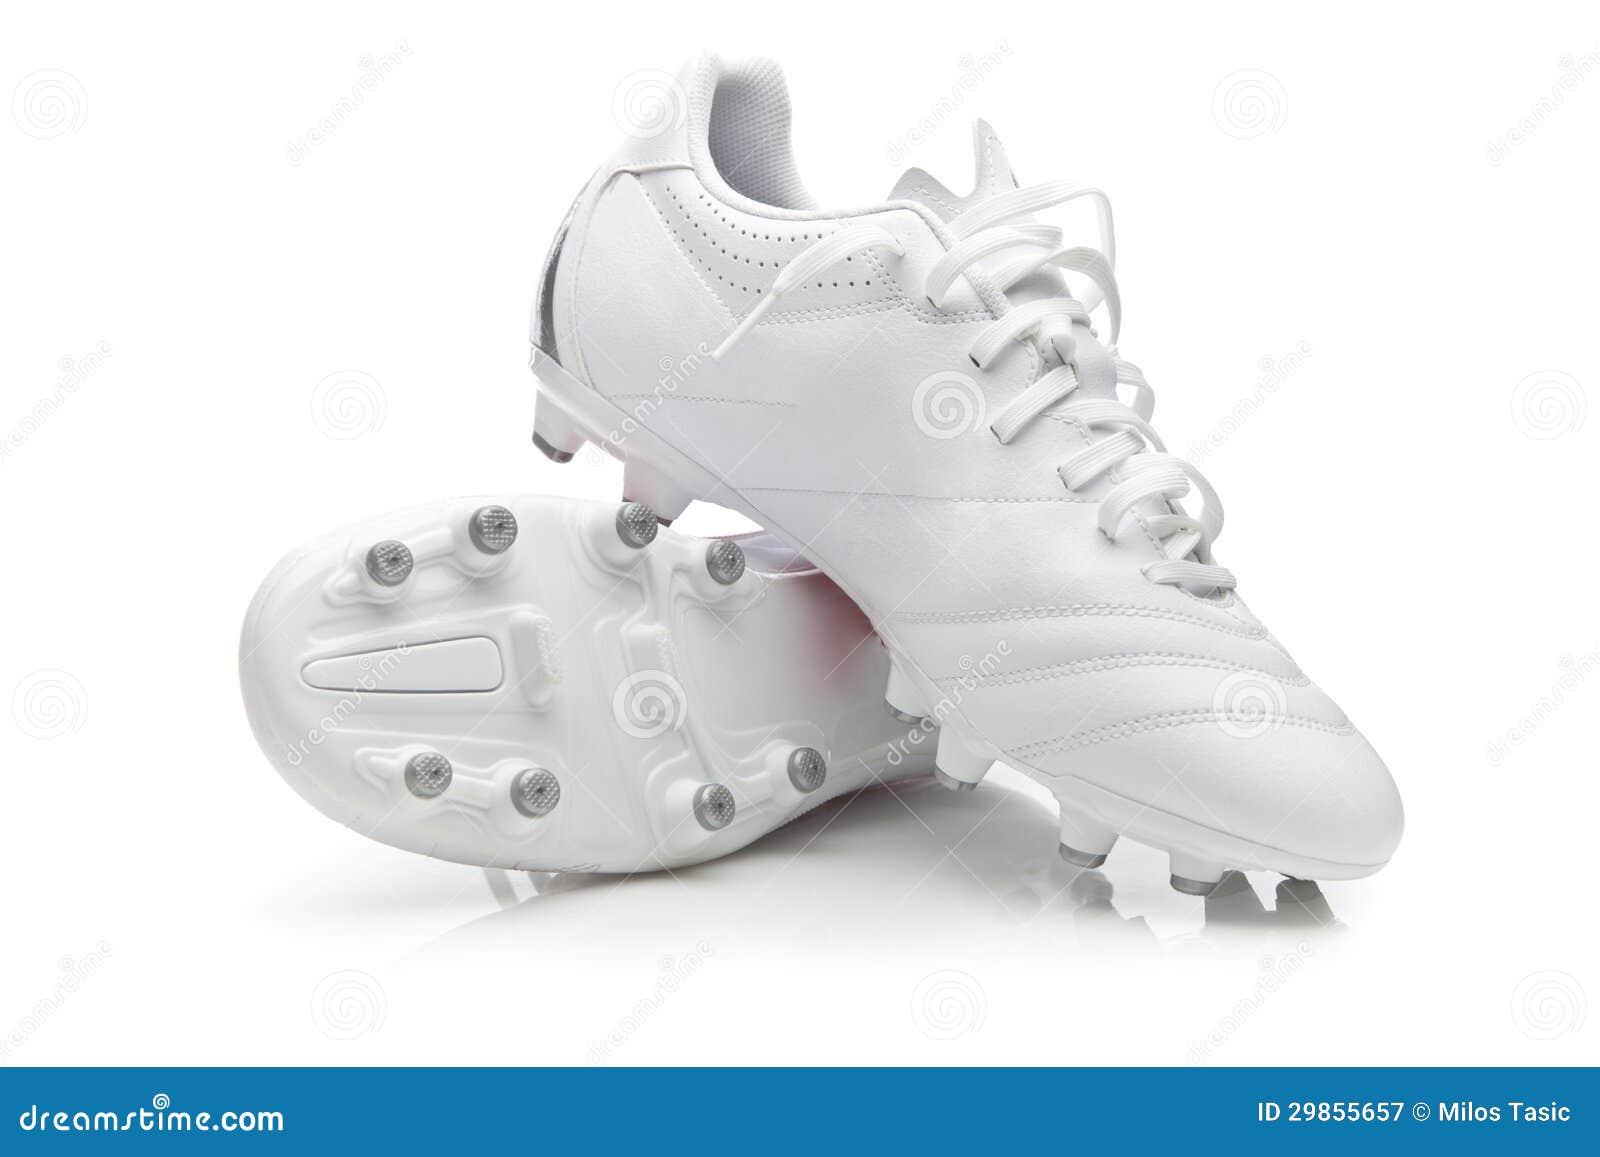 1c8fc09ec1917 Botas blancas del fútbol imagen de archivo. Imagen de boot - 29855657